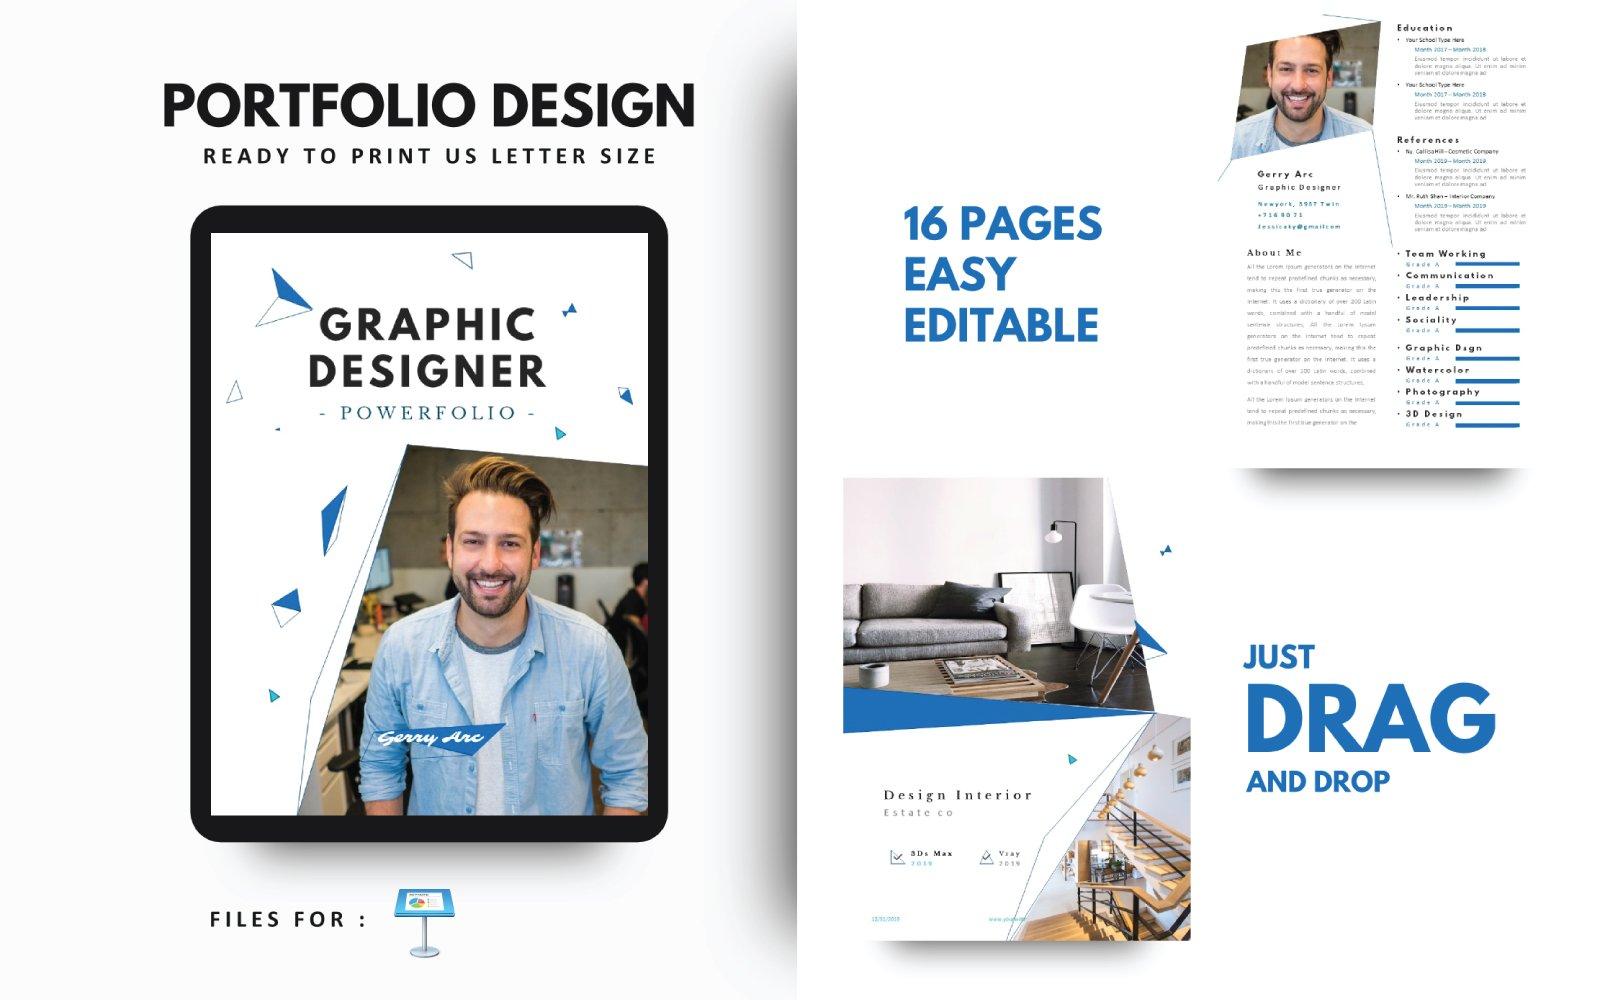 Grafisch ontwerper Portfoliosjabloon Keynote-presentatie